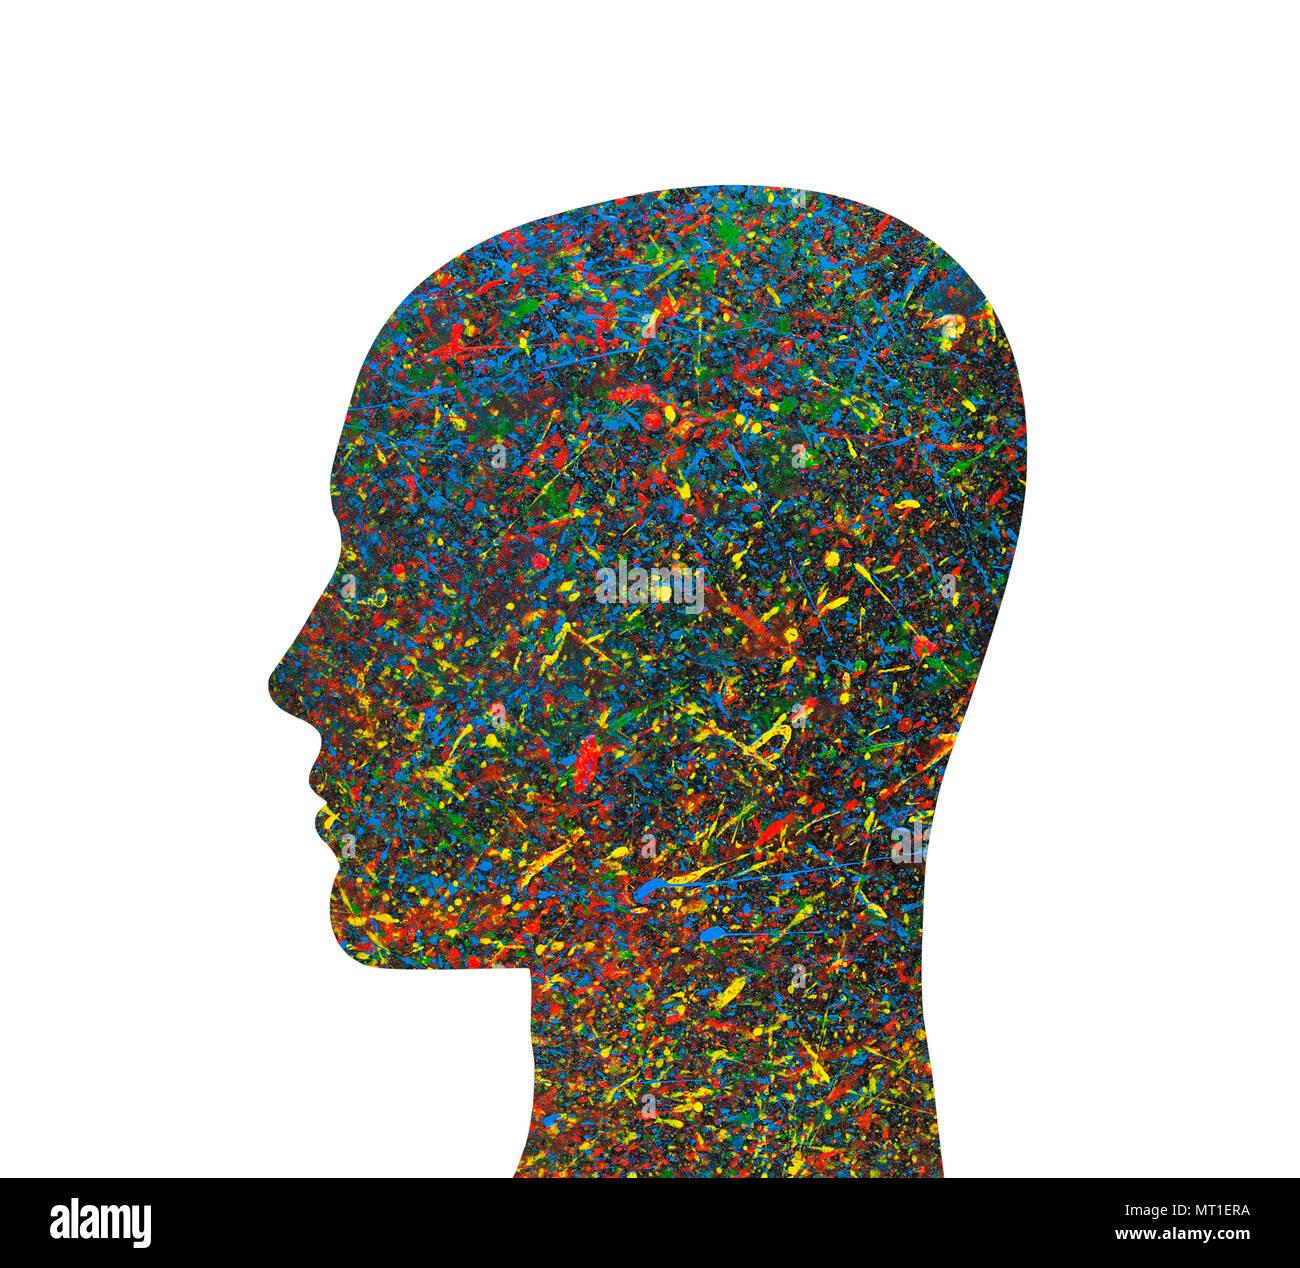 Cabeza humana silueta con coloridas salpicaduras de acuarela Imagen De Stock